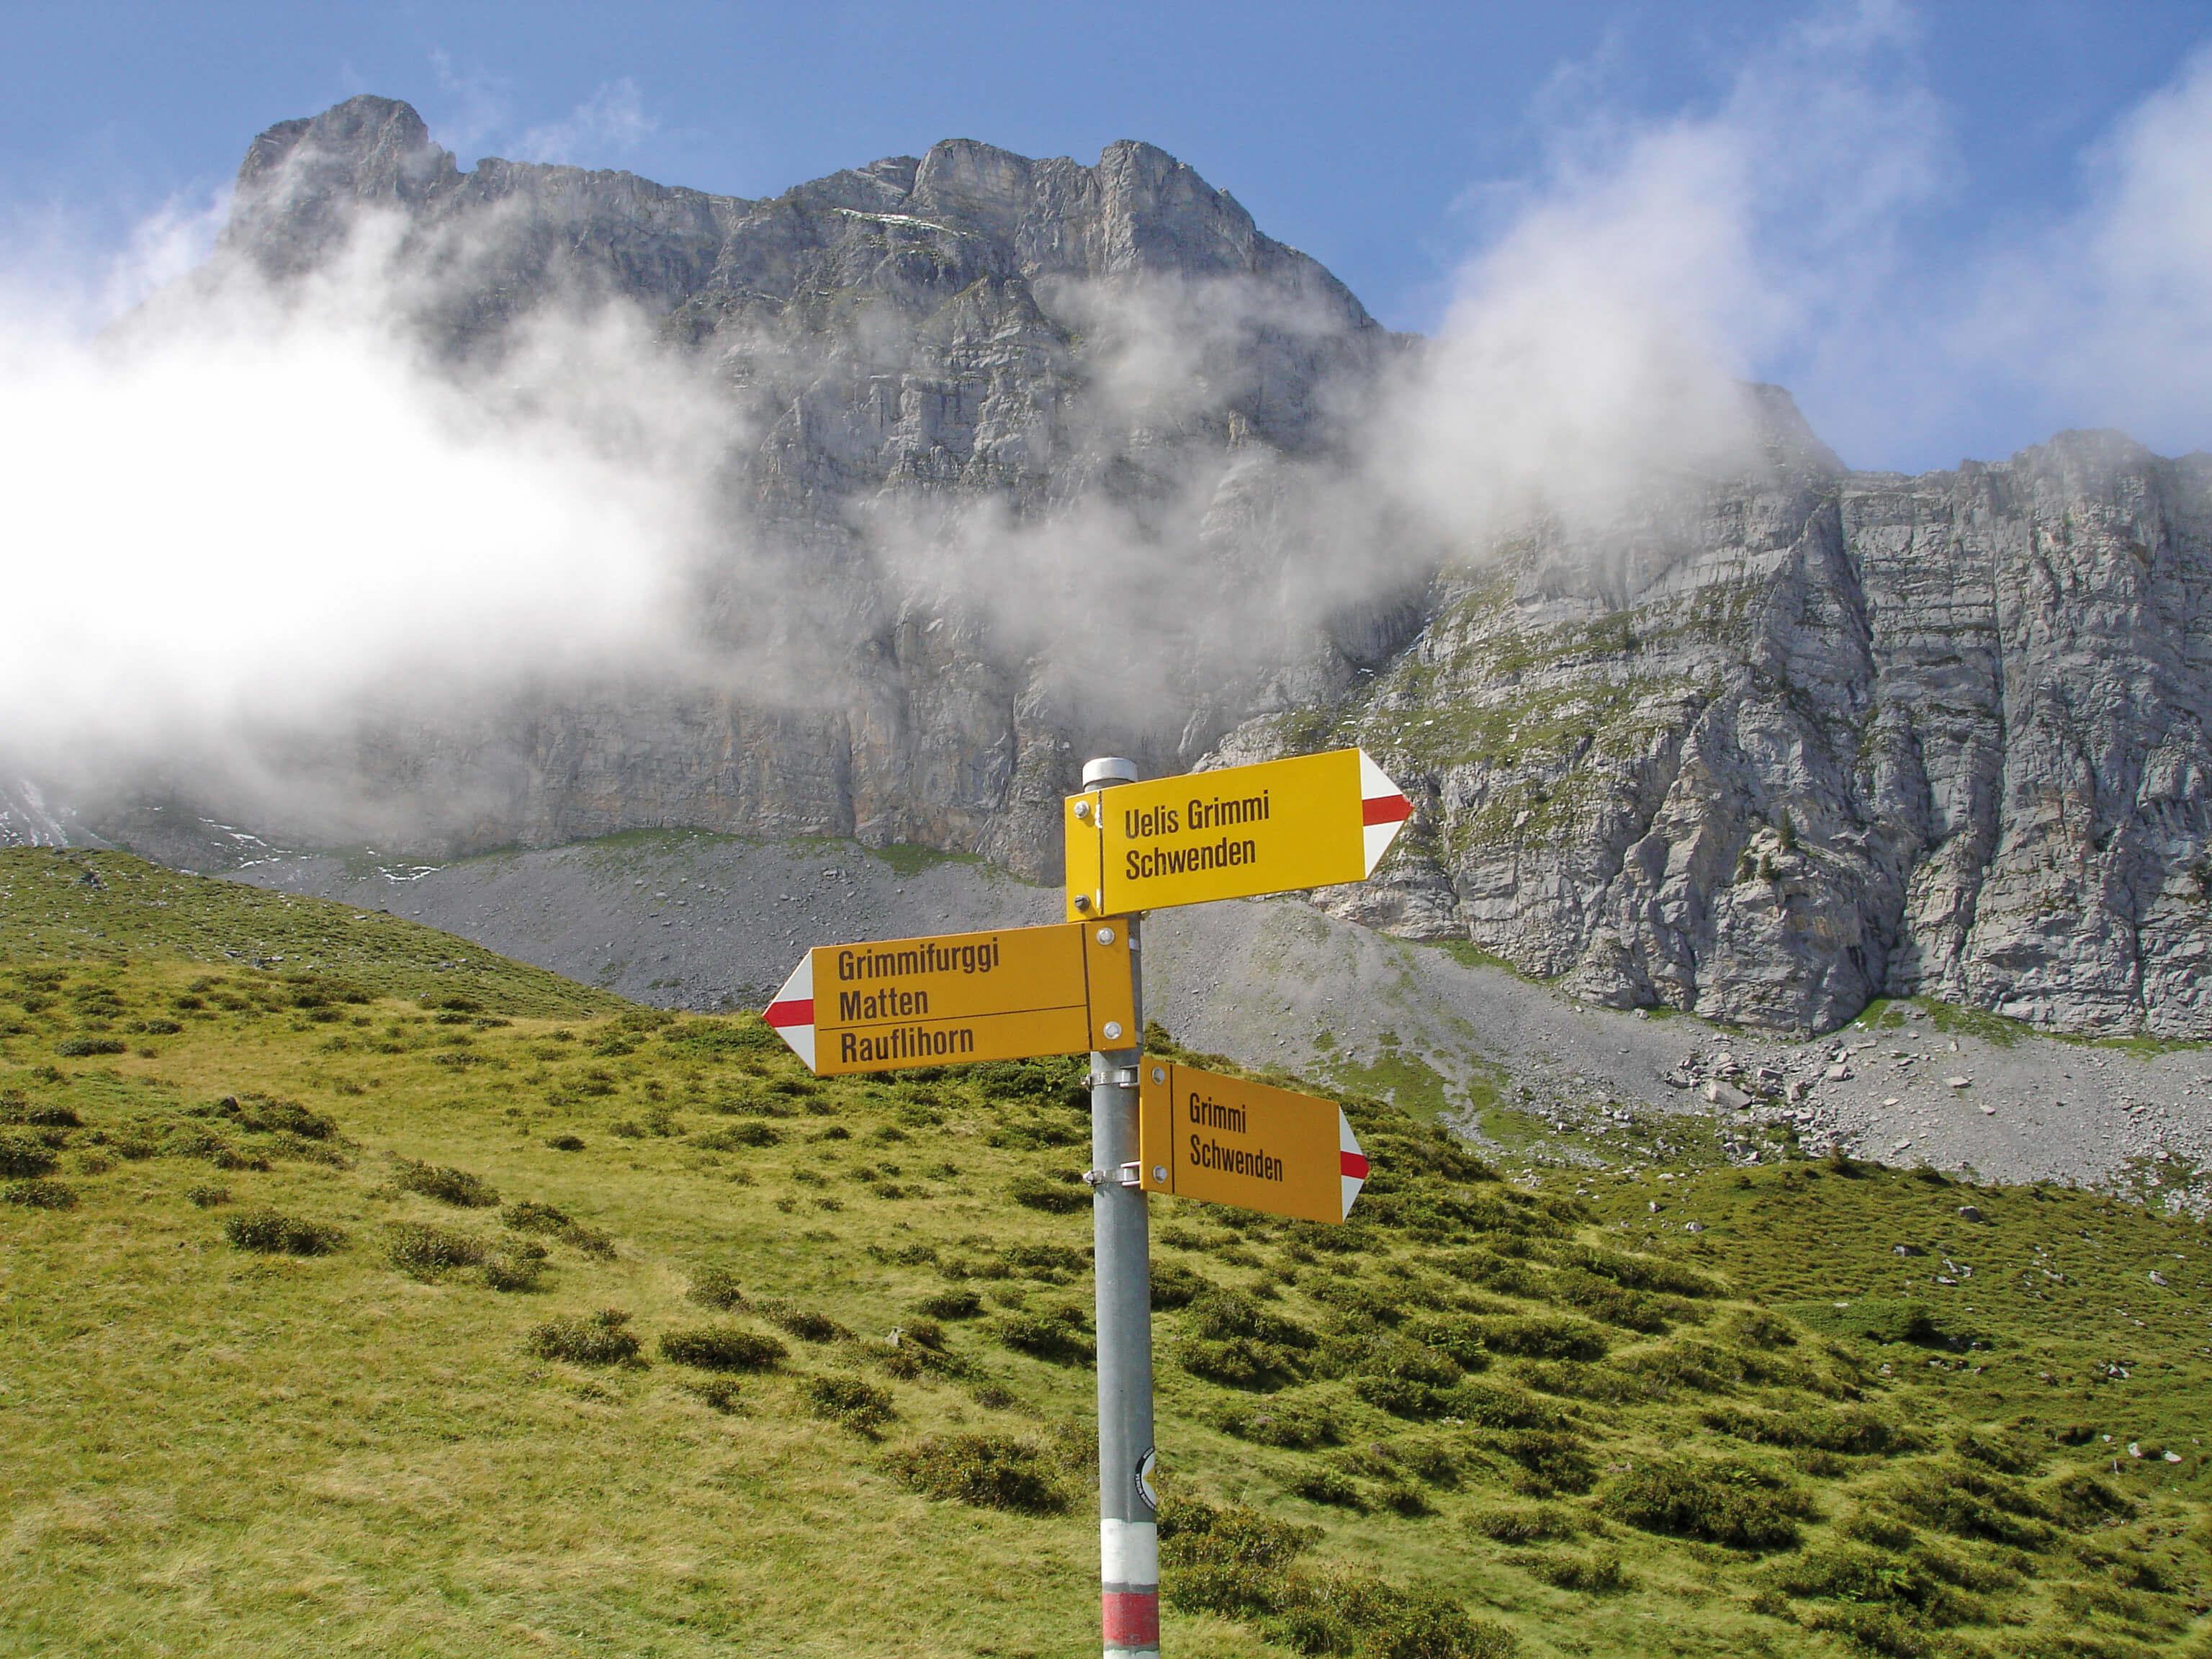 Wandern ab der Bergstation der Grimmialpbergbahnen